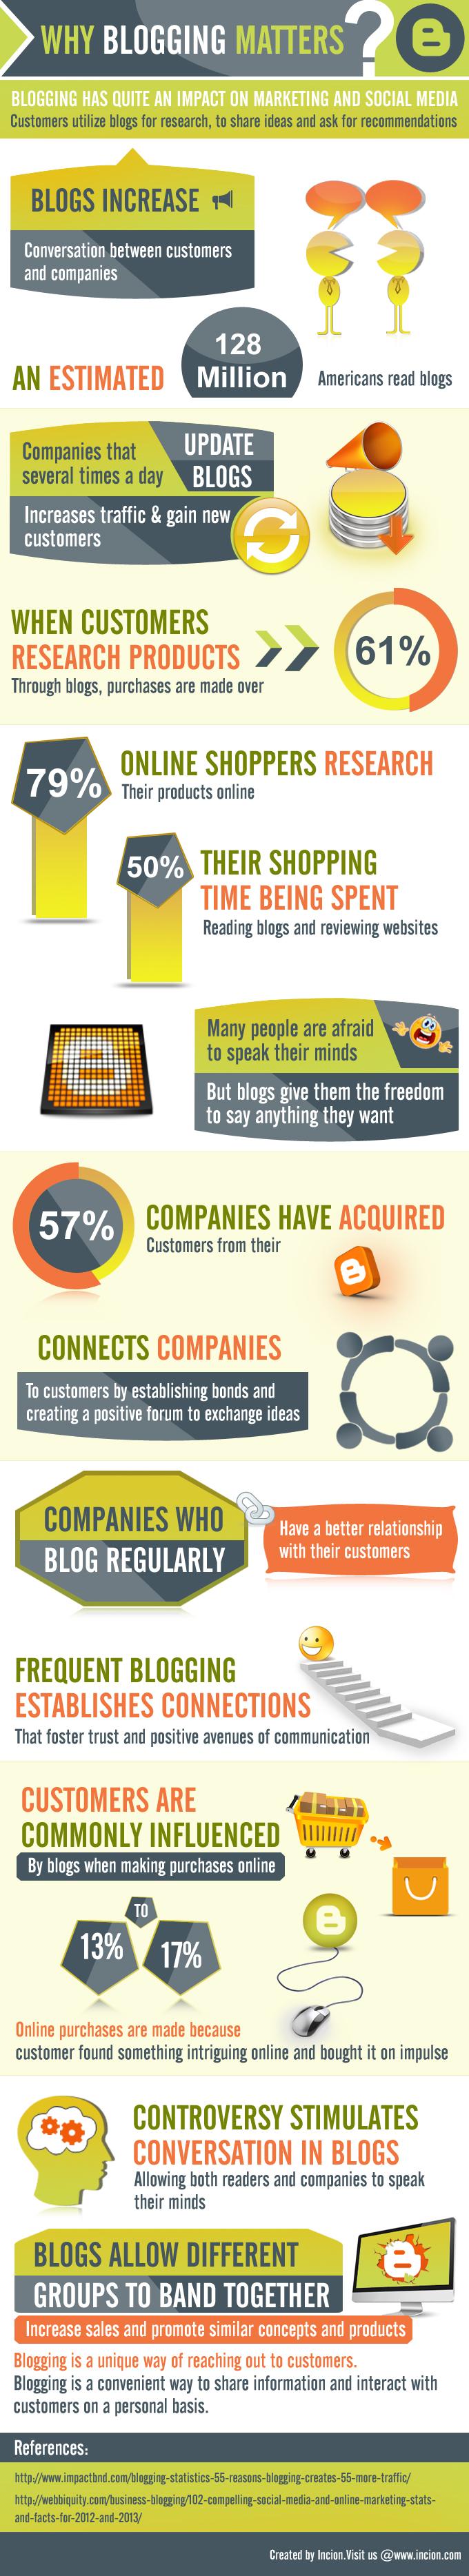 Value of Blogging